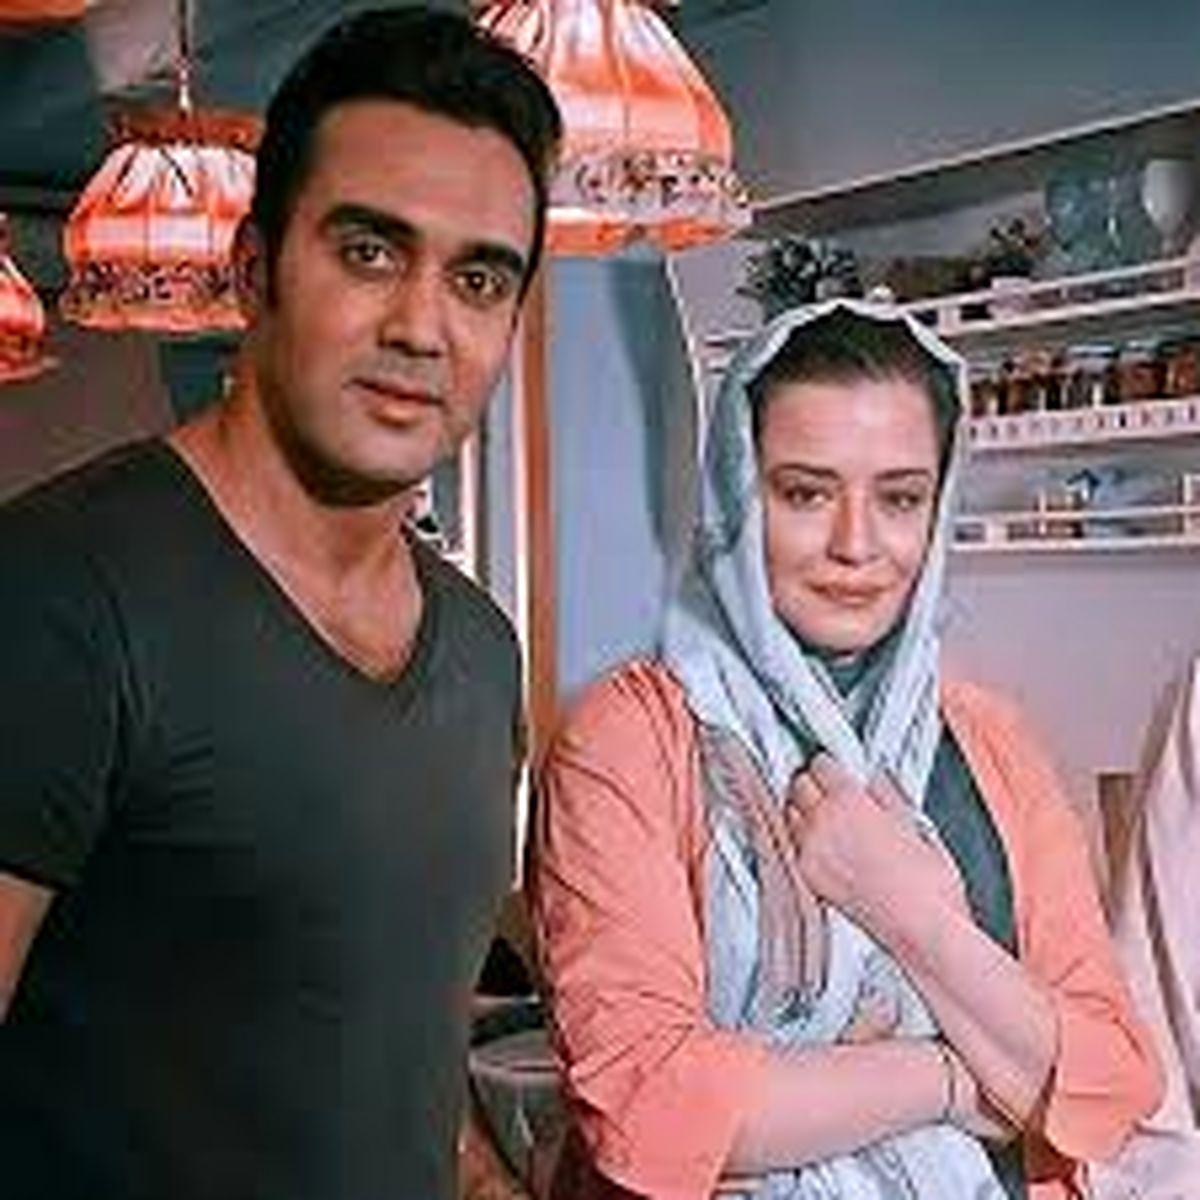 مراسم ازدواج مهراوه شریفی نیا + عکس جنجالی